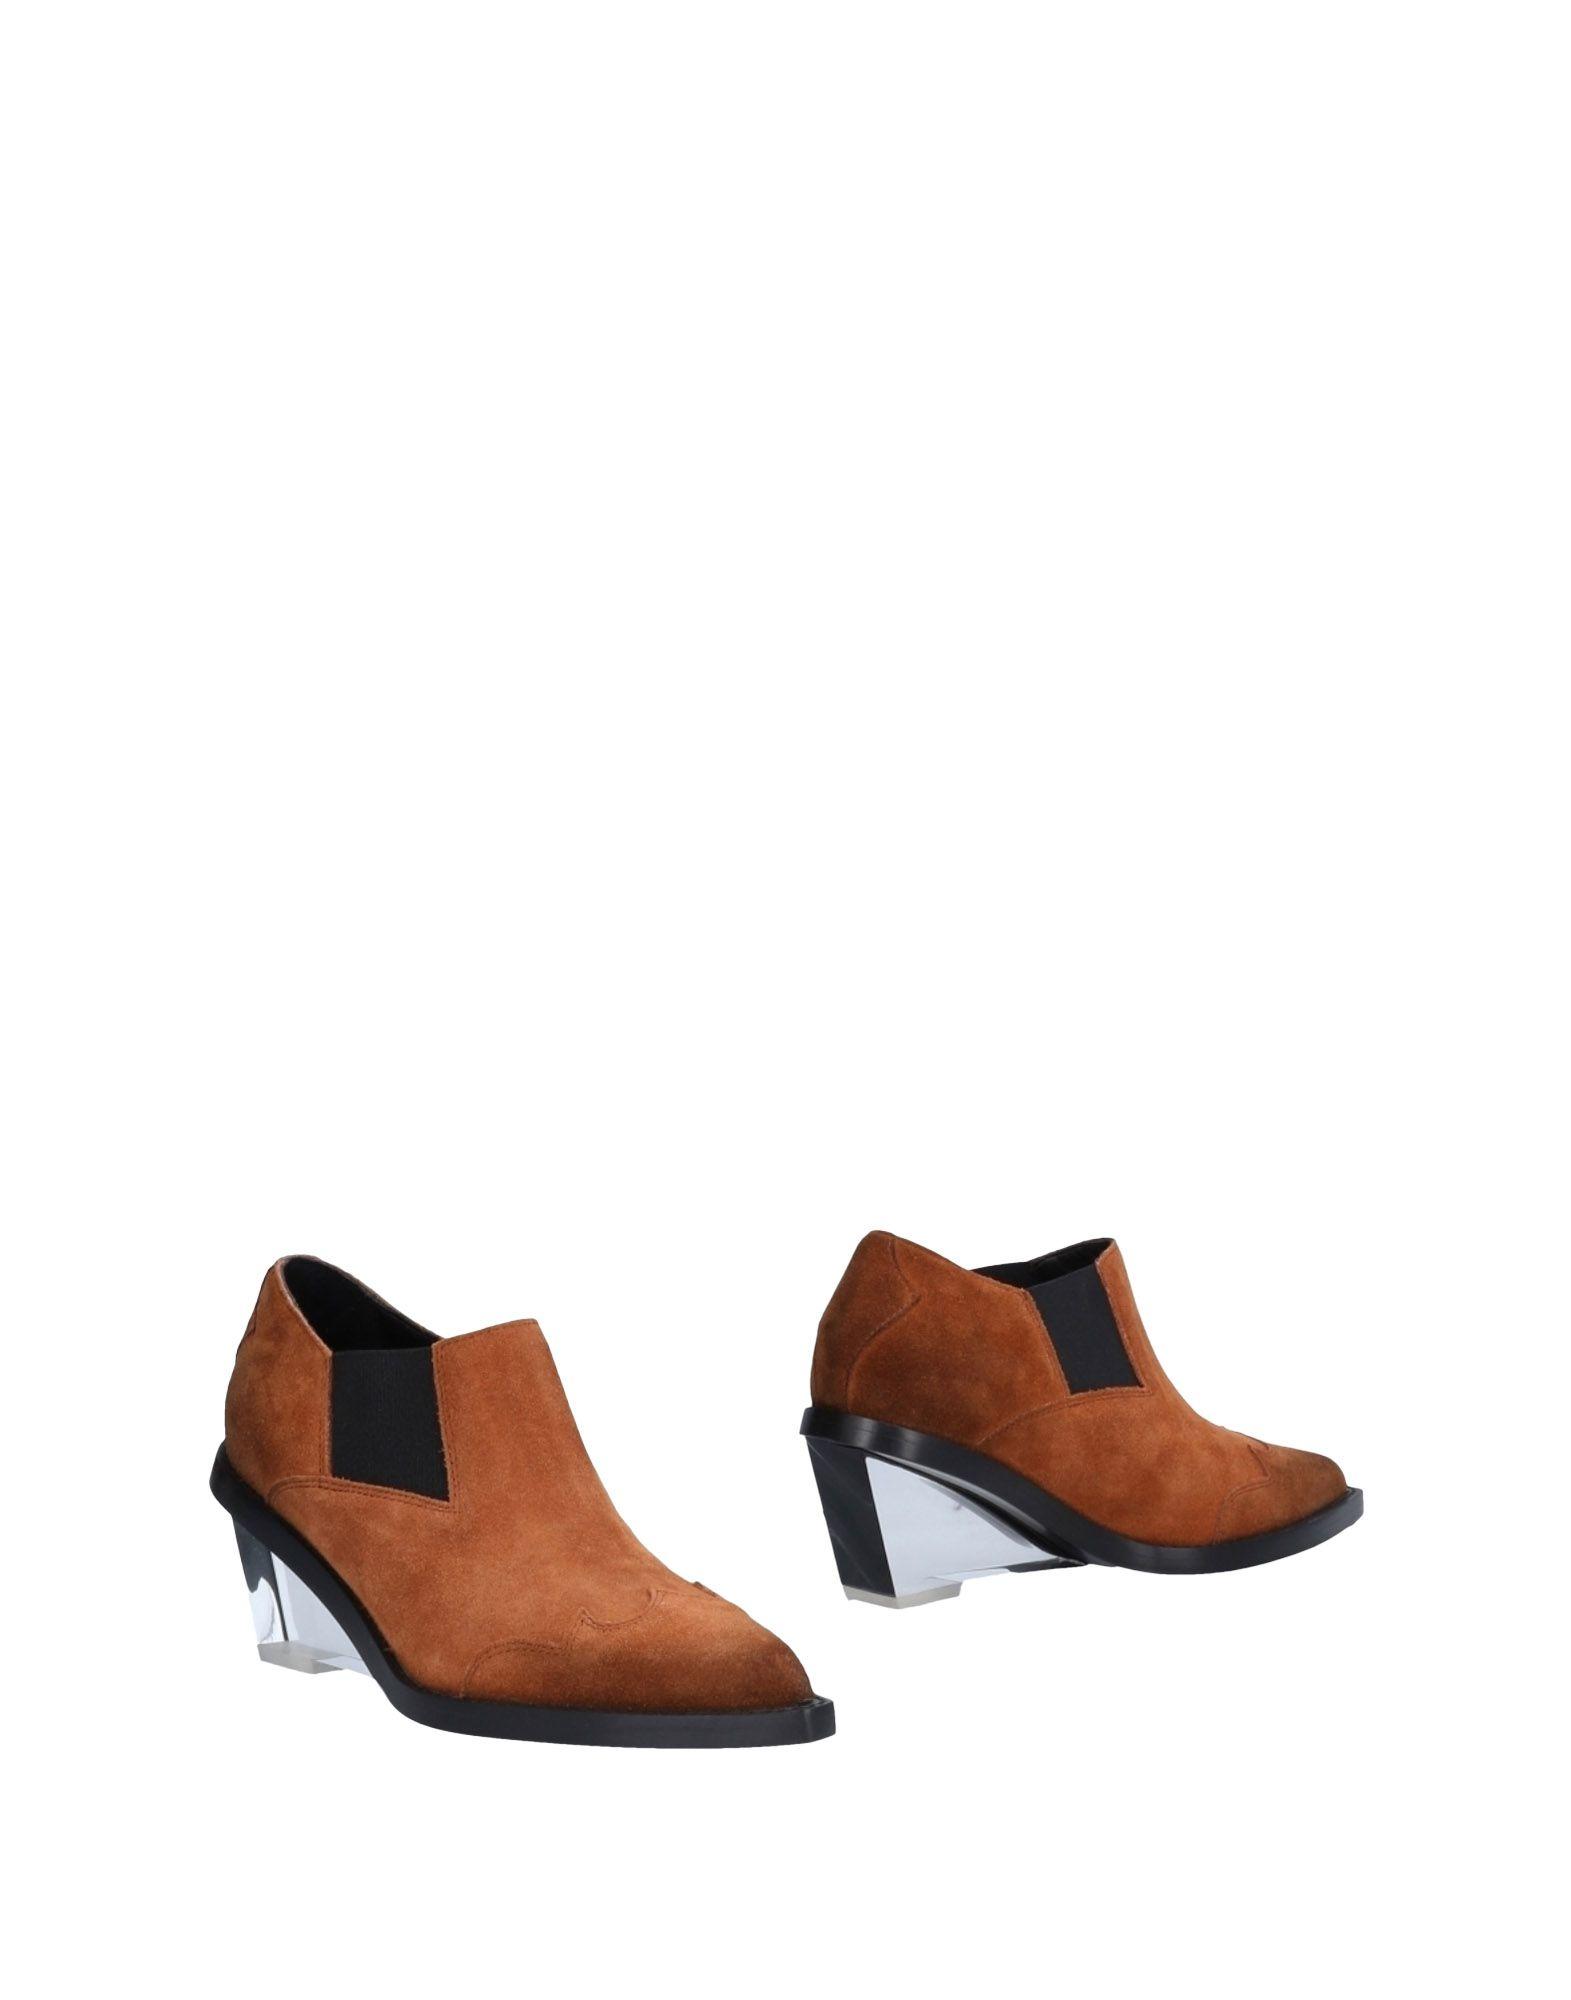 Mm6 Maison Margiela Stiefelette  Damen  Stiefelette 11492499MMGünstige gut aussehende Schuhe e3fac3